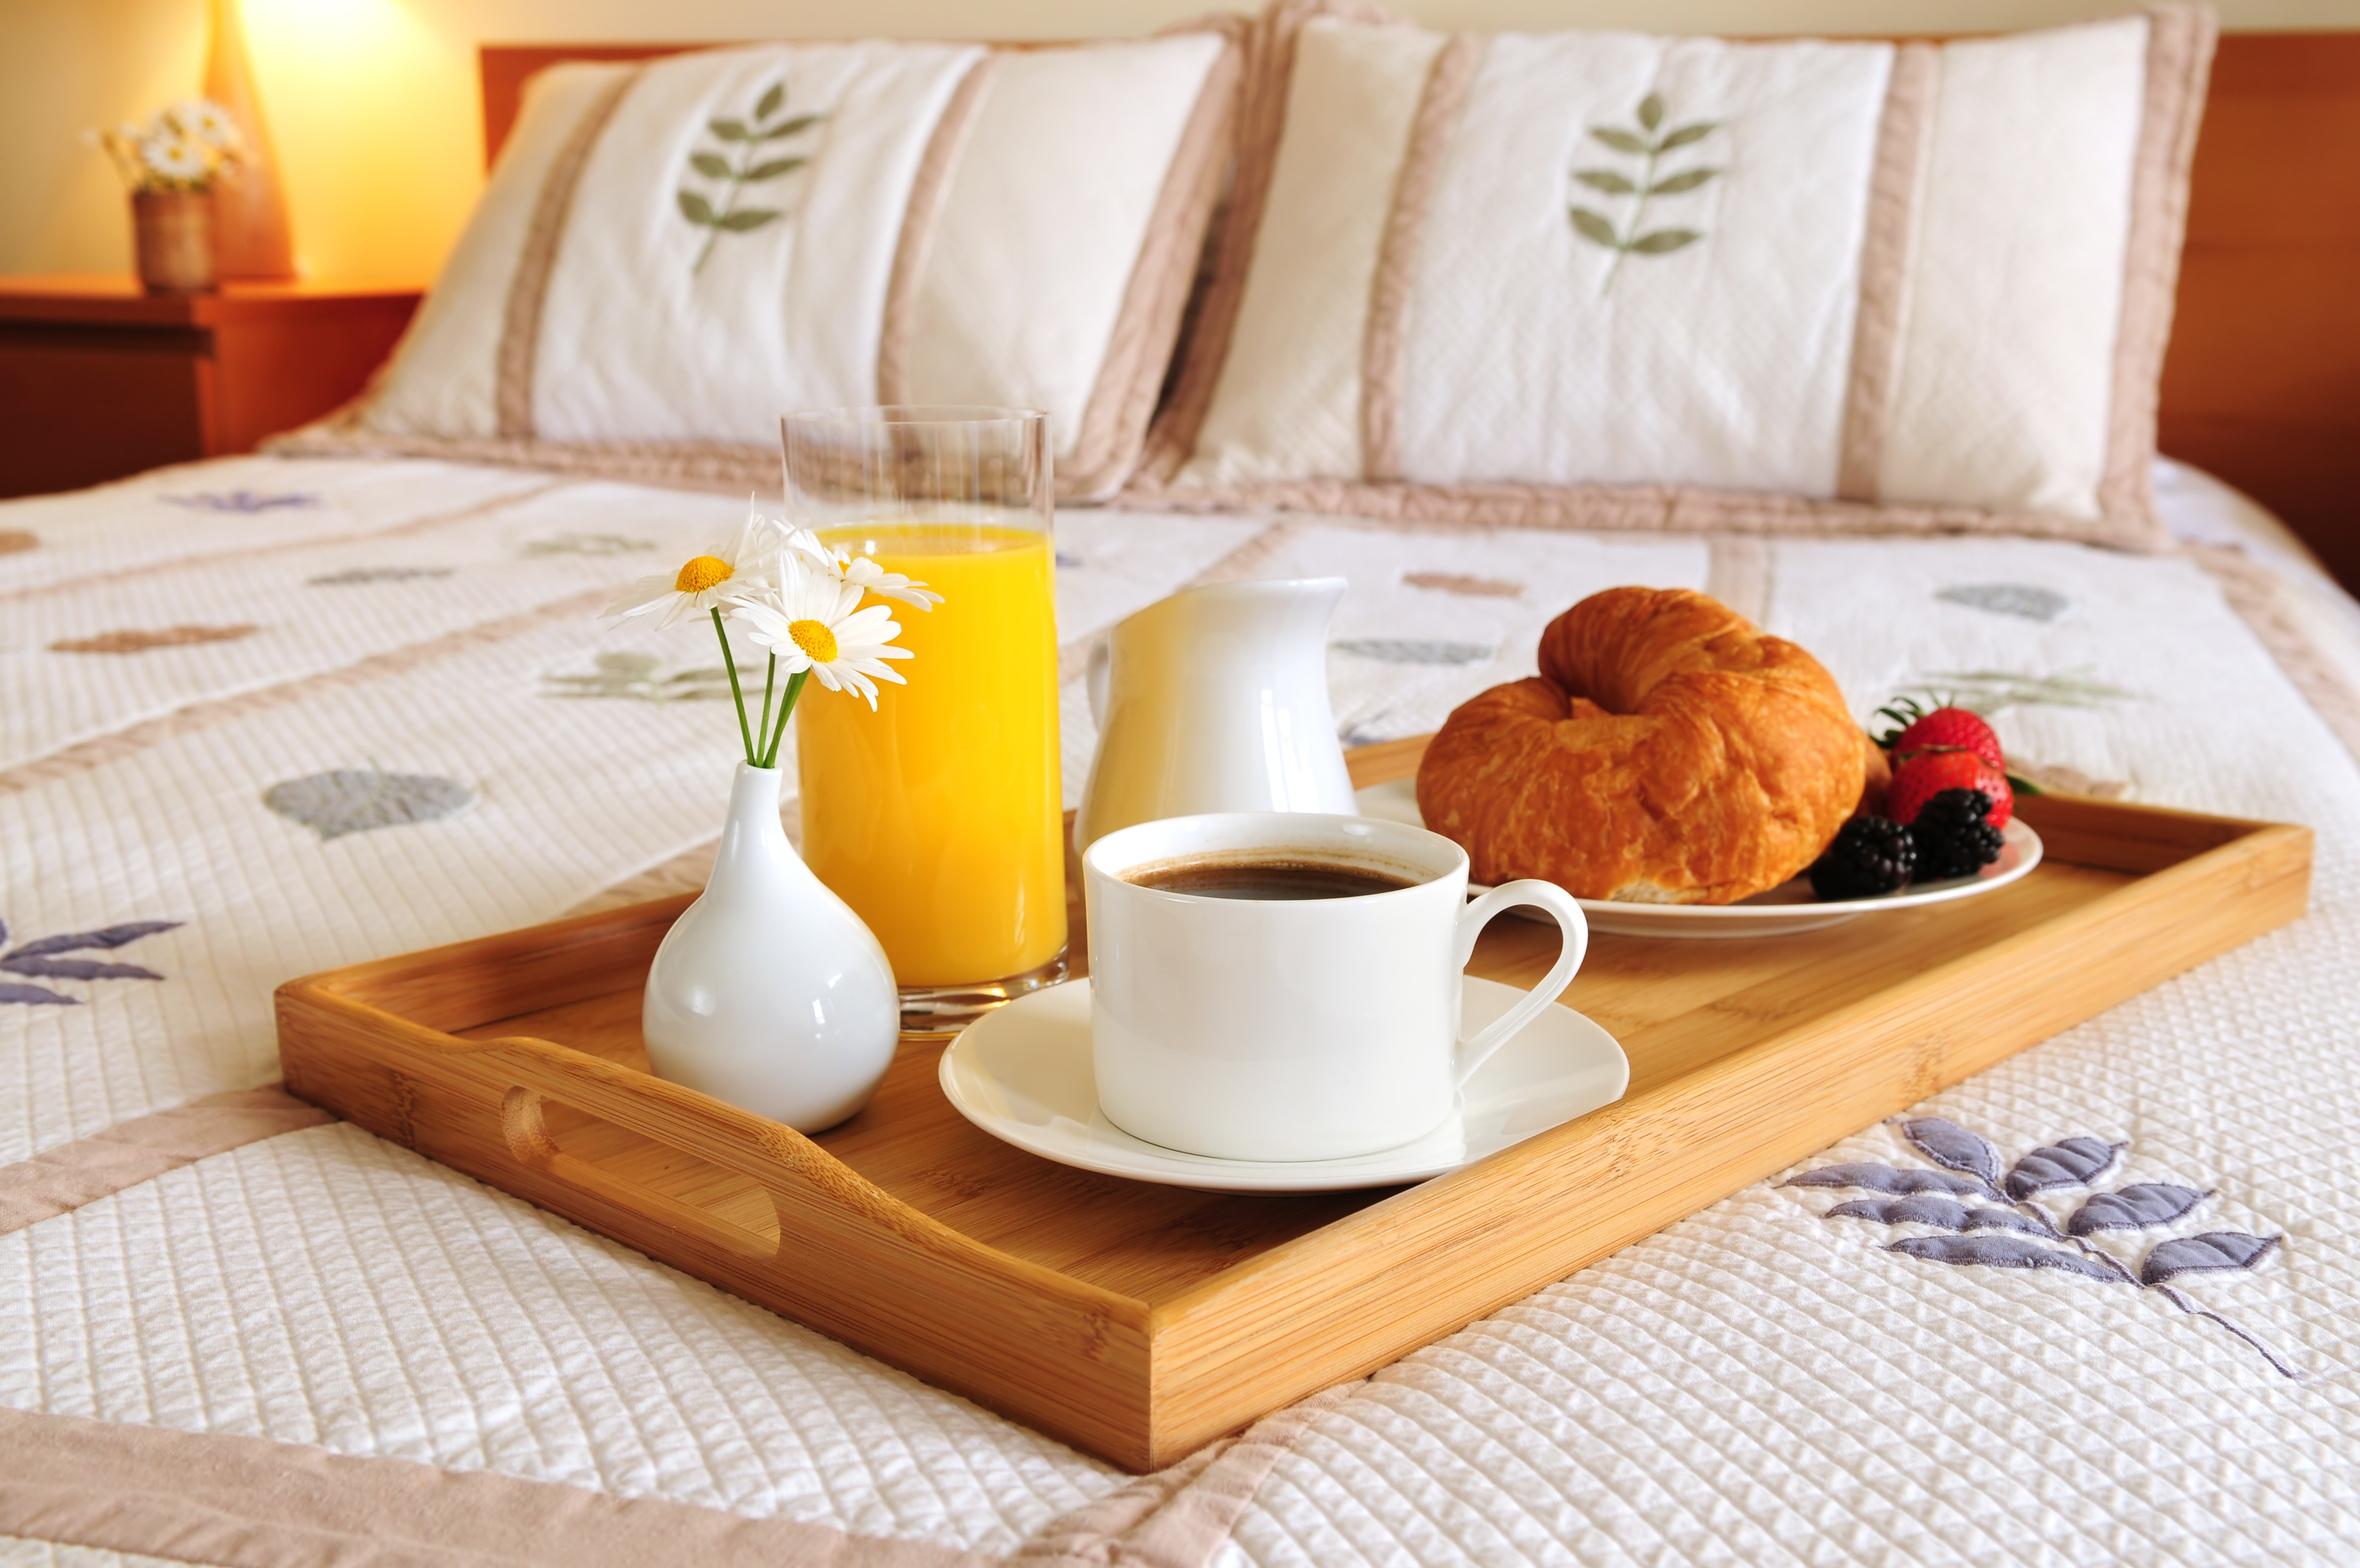 śniadanie w hotelowym pokoju